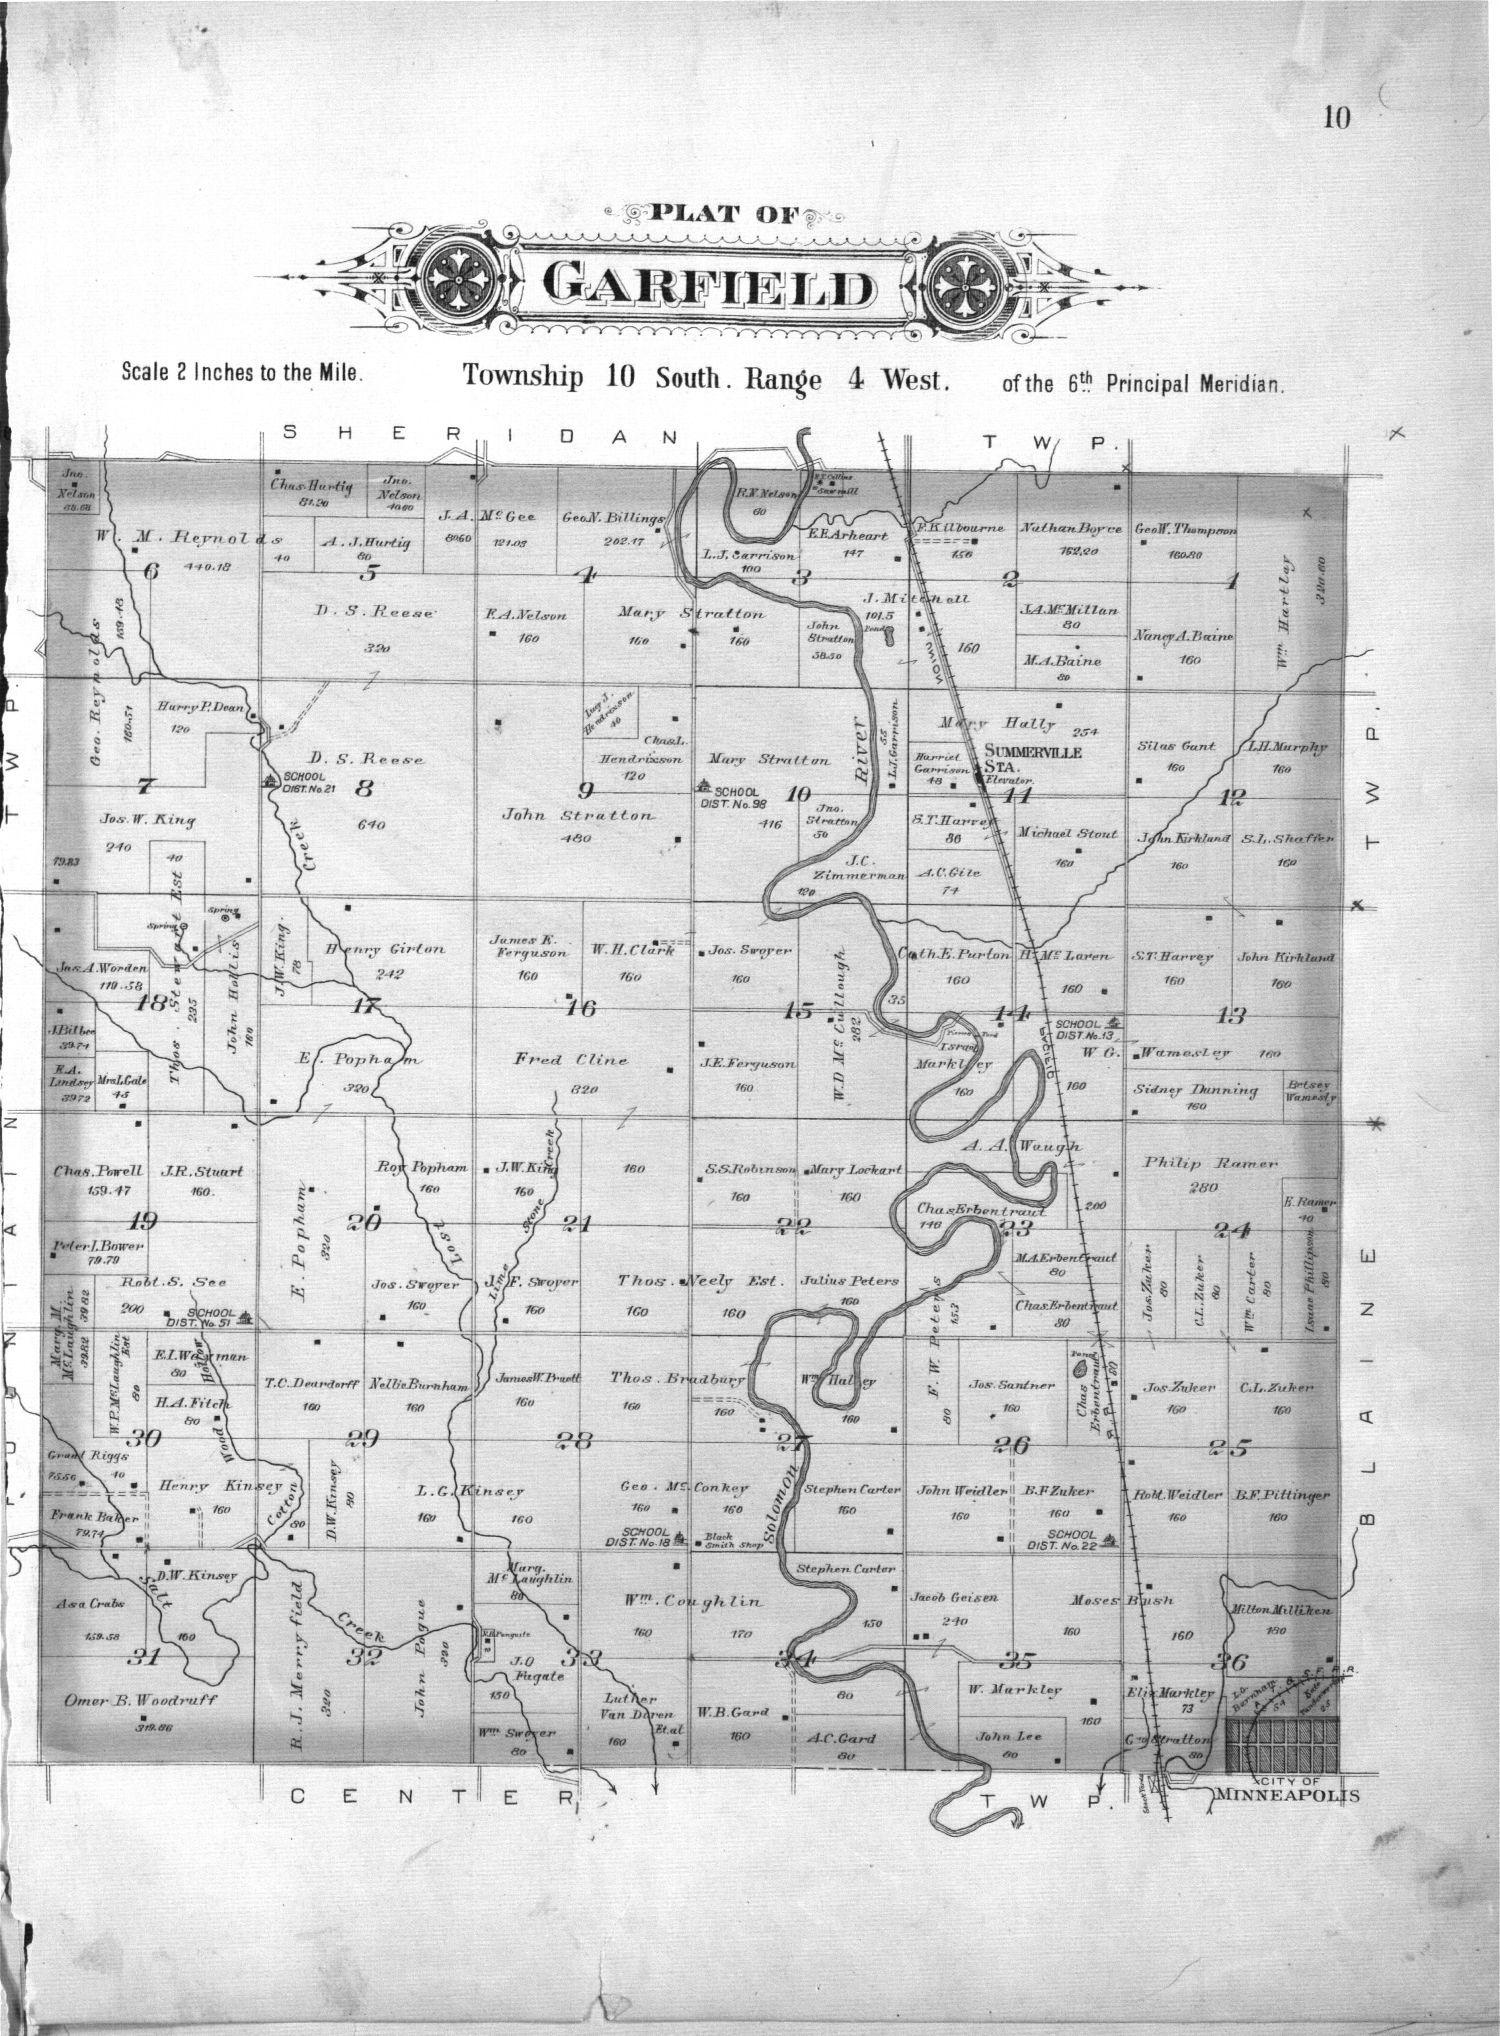 Plat book of Ottawa County, Kansas - 10